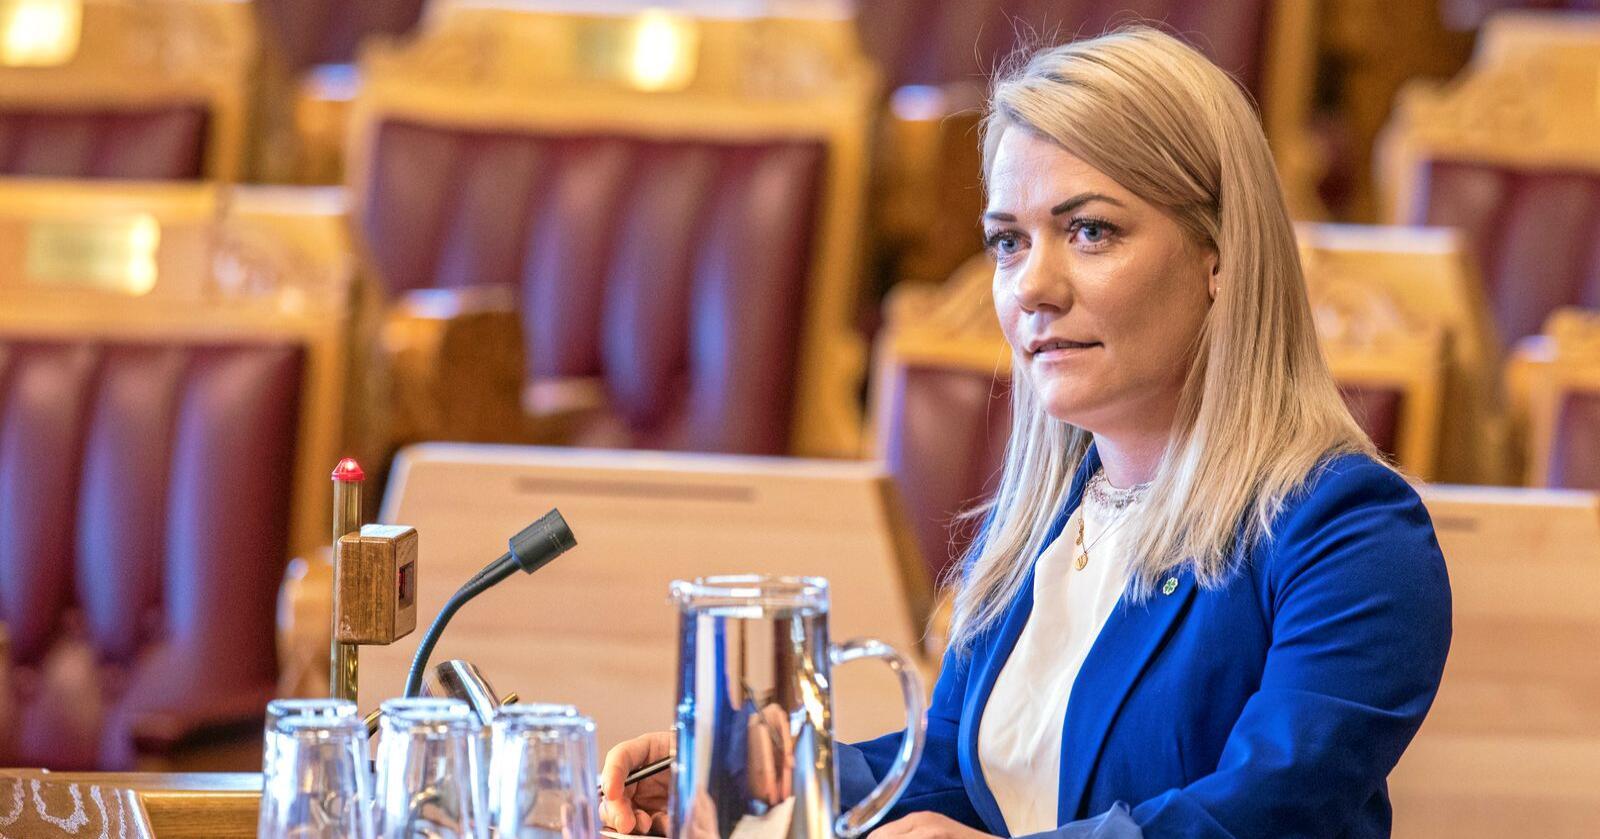 Senterpartiets Sandra Borch mener det nå vil bli enklere å skyte ulv i Norge etter lovendringen som Stortinget vedtok onsdag. Foto: Ole Berg-Rusten / NTB scanpix